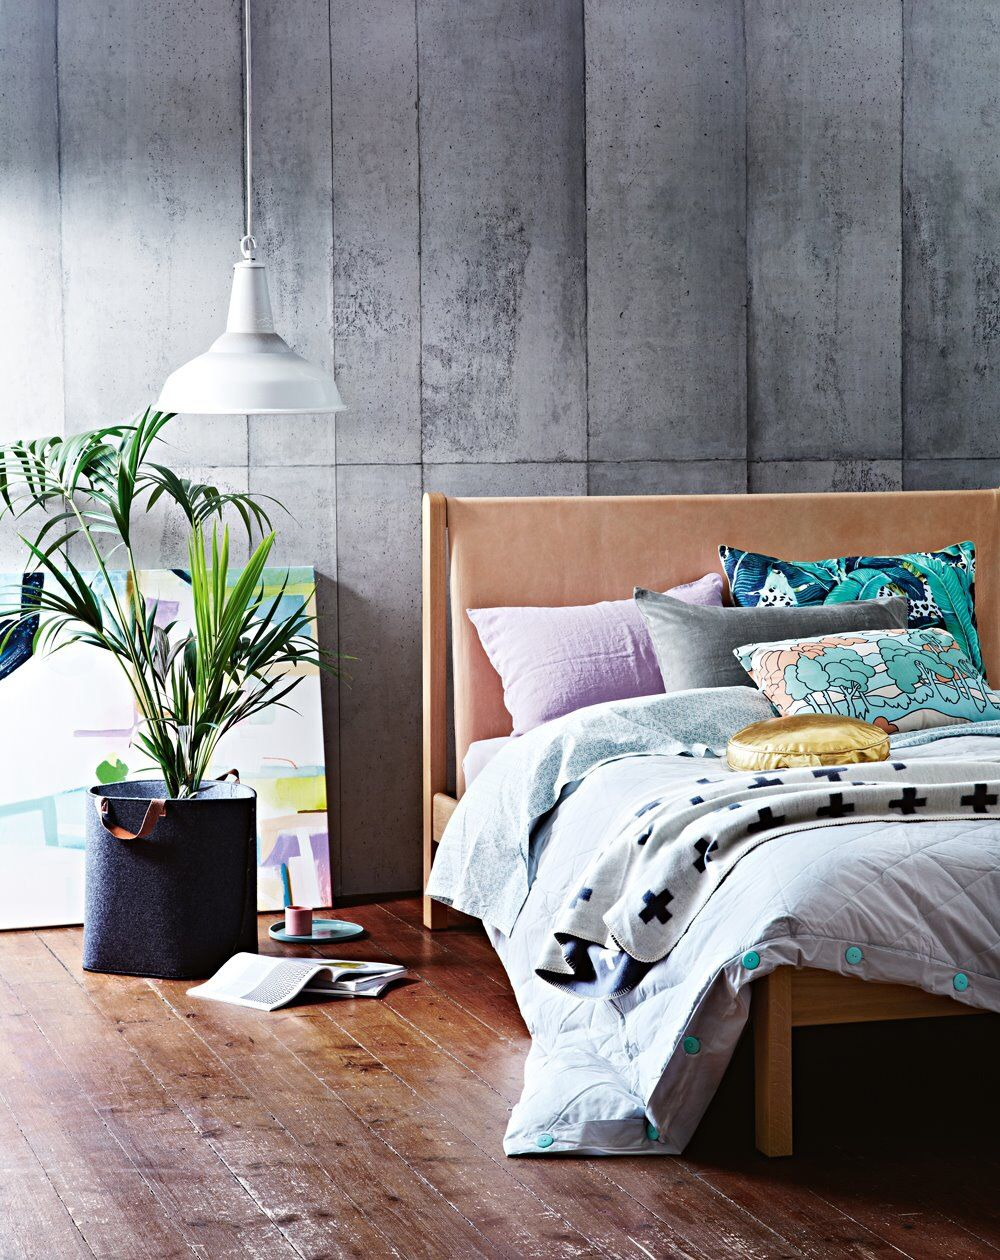 Charmant Schlafzimmer: Fototapete, Sichtbeton, Bett, Holz, Leder, Pflanze, Lampe,